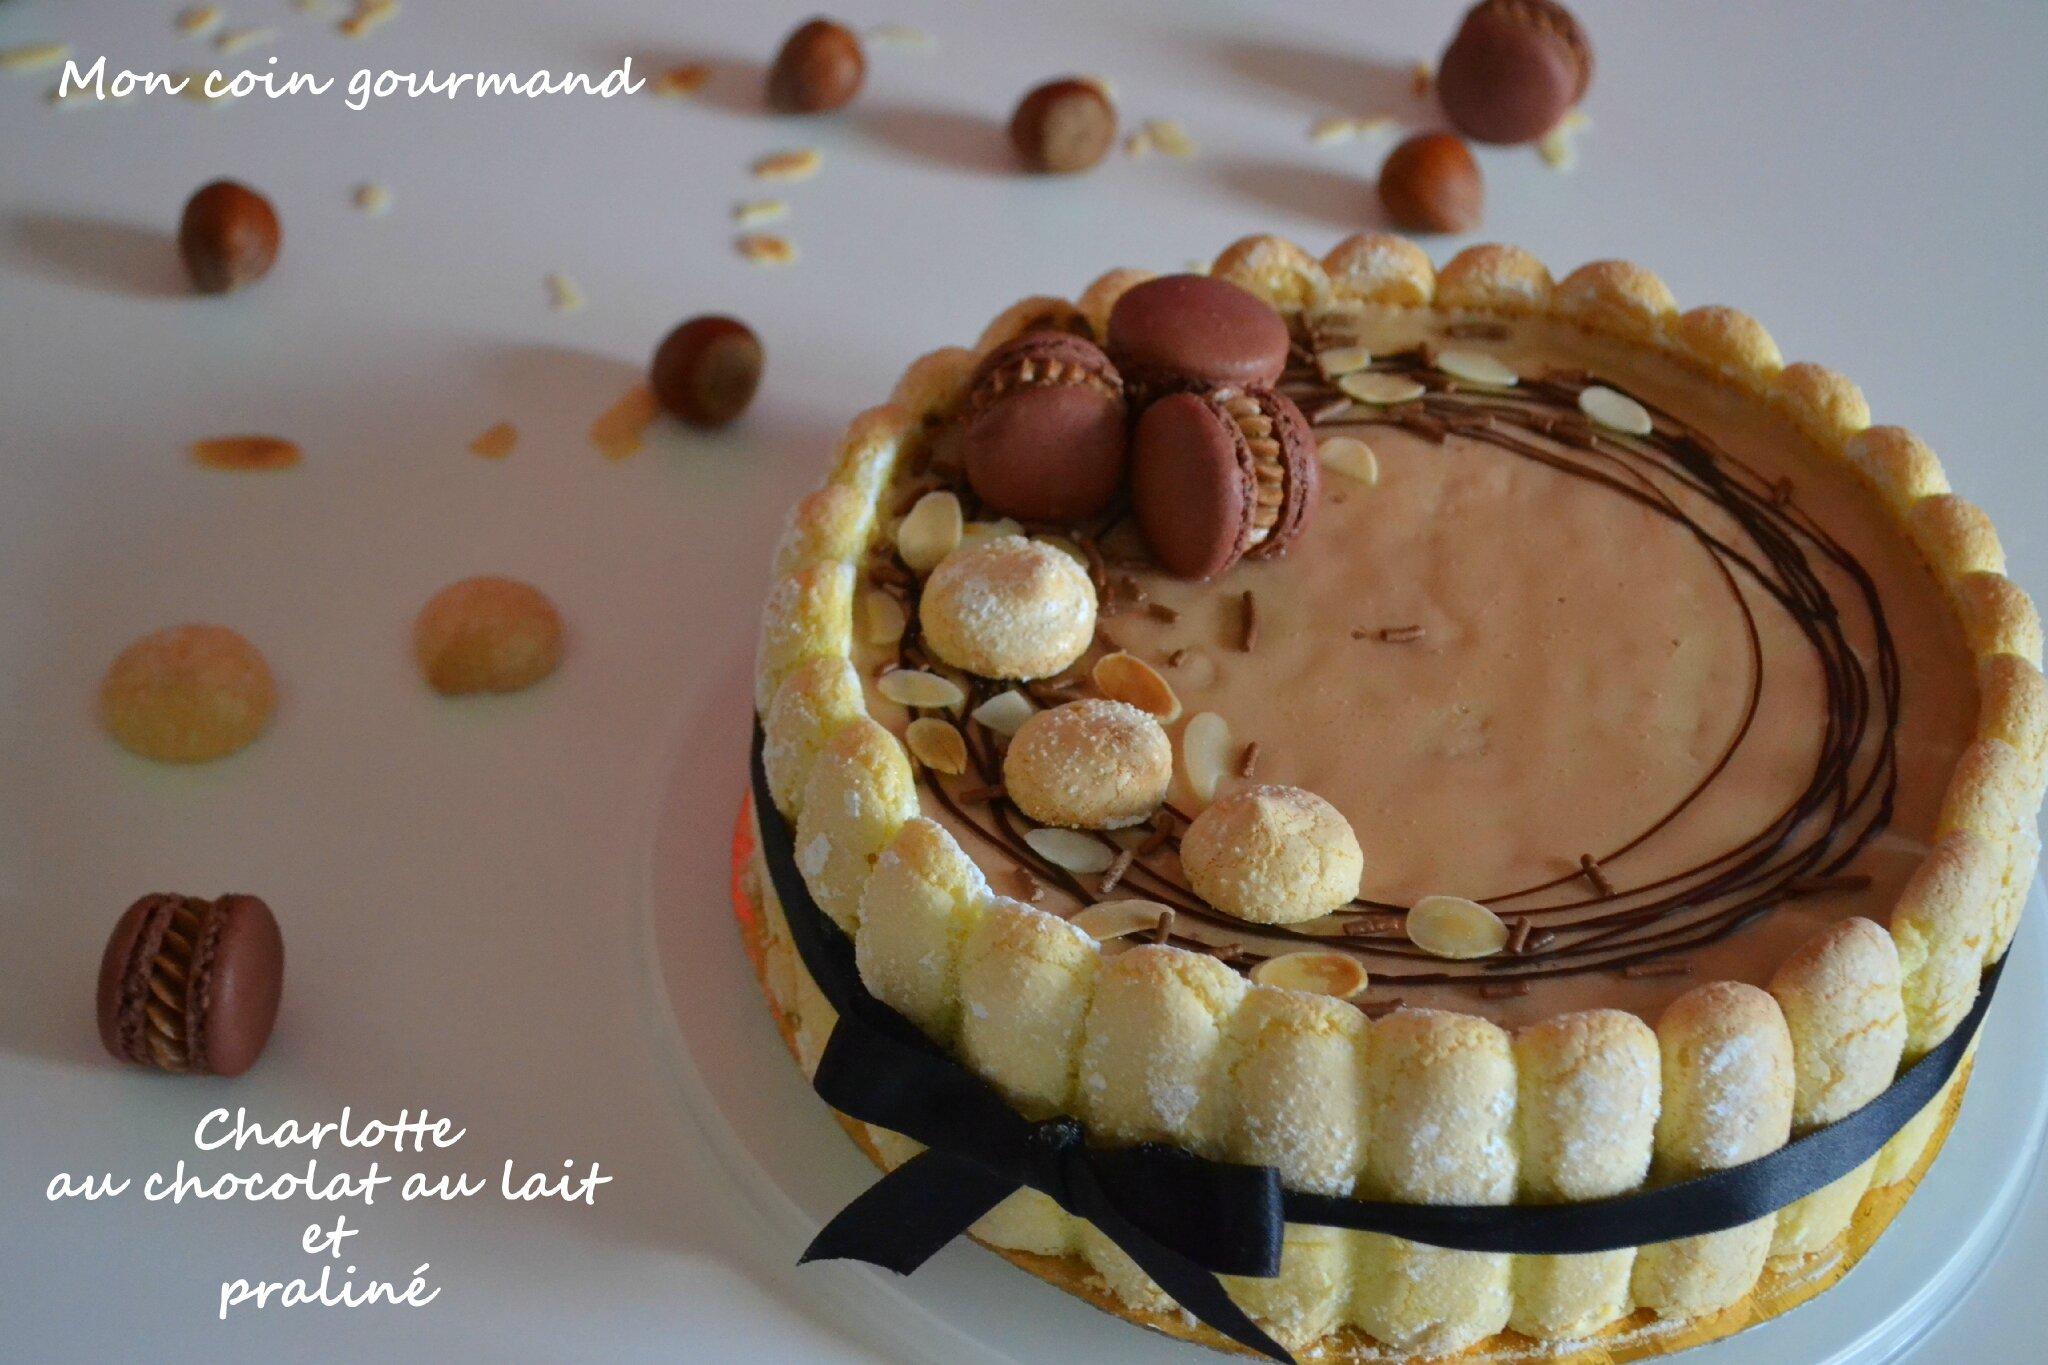 Recette Charlotte Au Chocolat Sans Oeuf charlotte au chocolat au lait-praliné - mon coin gourmand